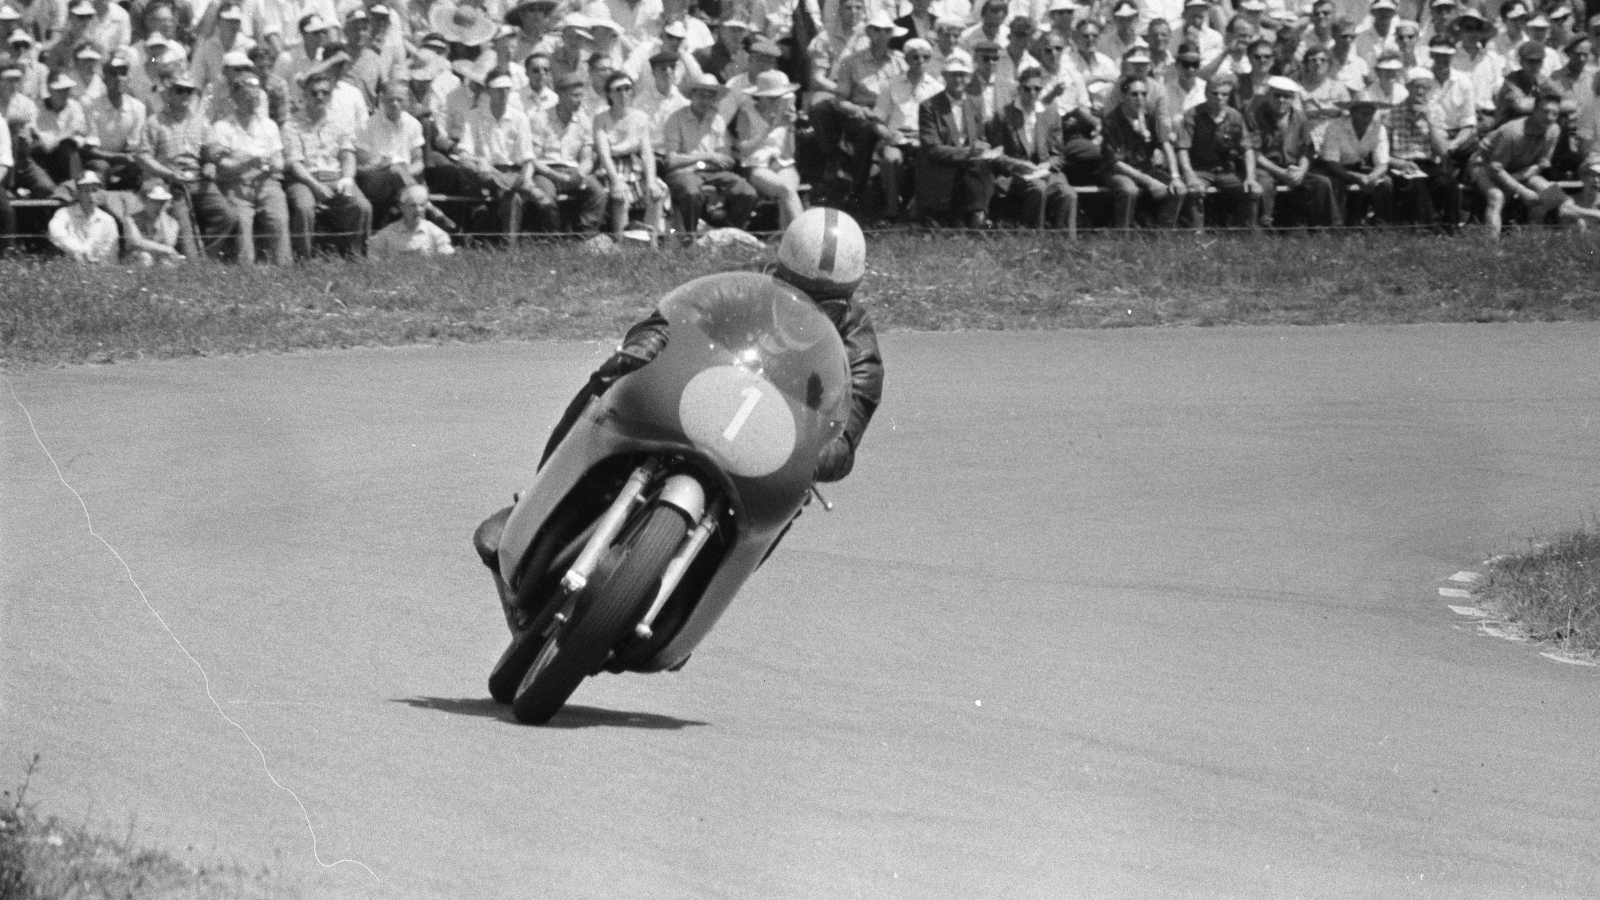 El TT de Assen, 74 años consecutivos (1946-2019)